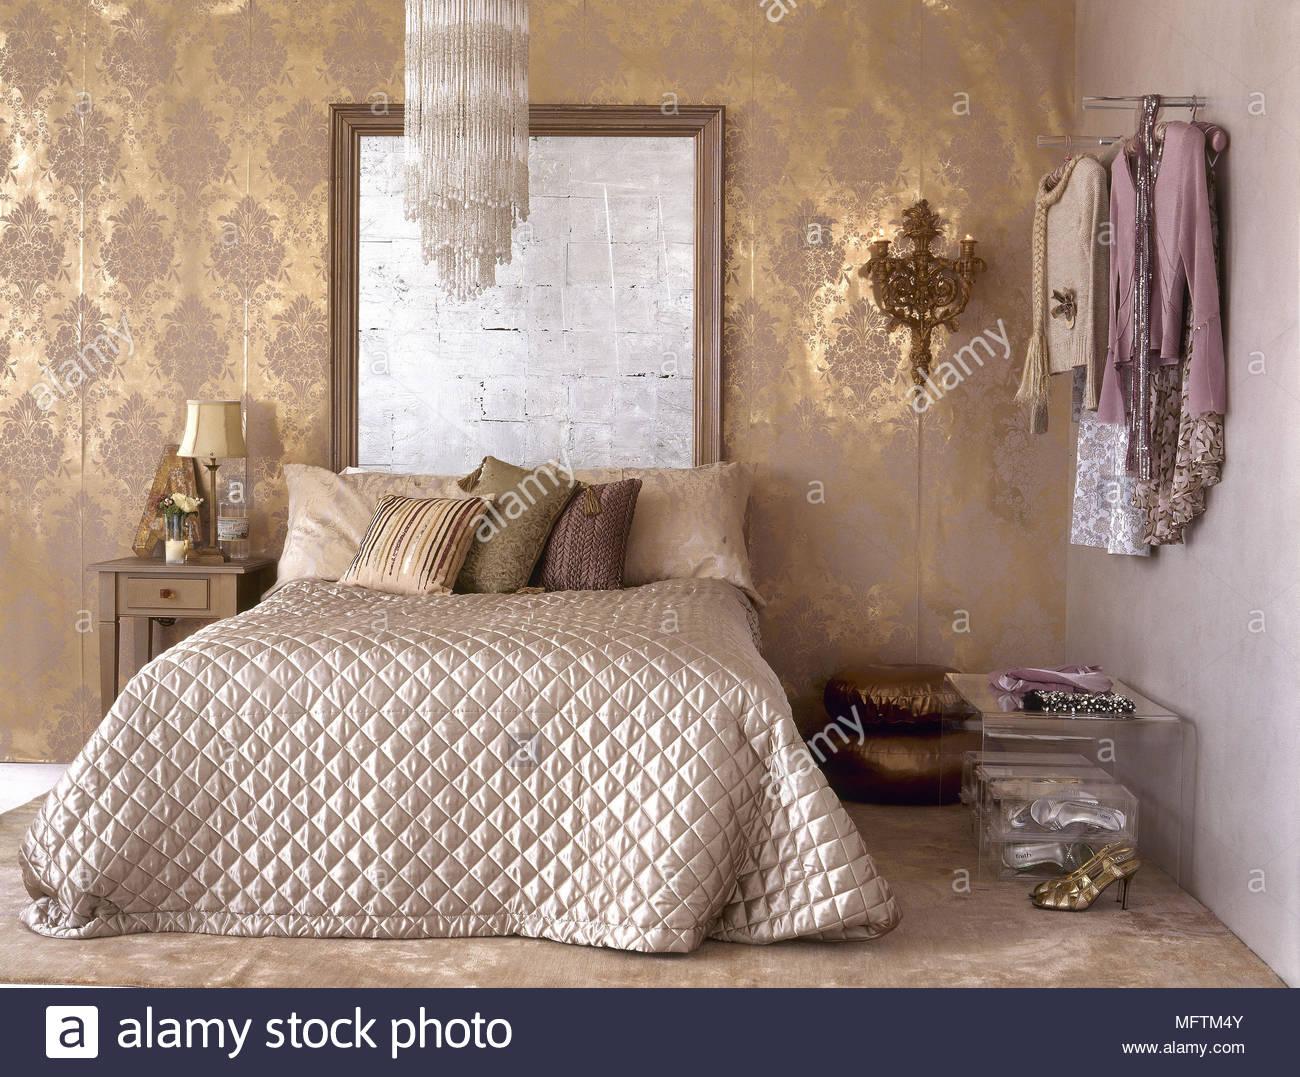 Ein traditionelles gold Schlafzimmer mit Muster Tapete Bett ...